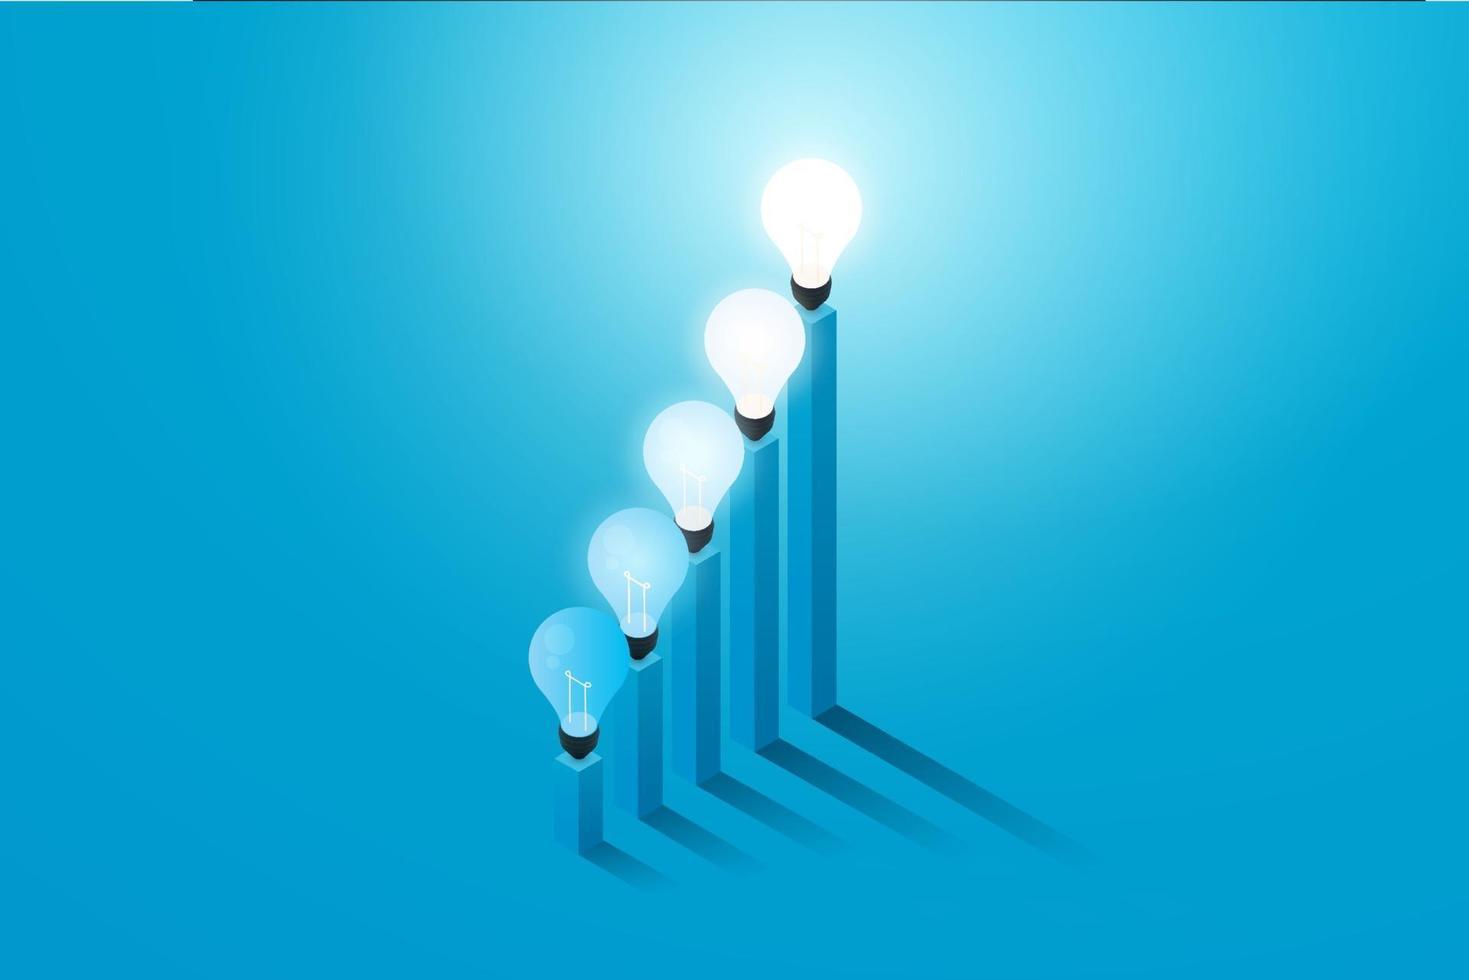 lâmpada criativa com gráfico crescendo sobre um fundo azul vetor